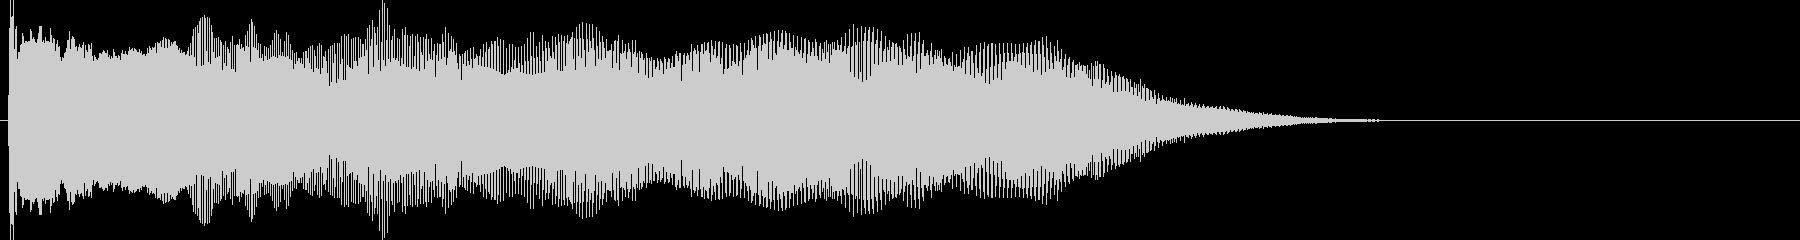 ブーンと機械的EDMのようなブザー音の未再生の波形